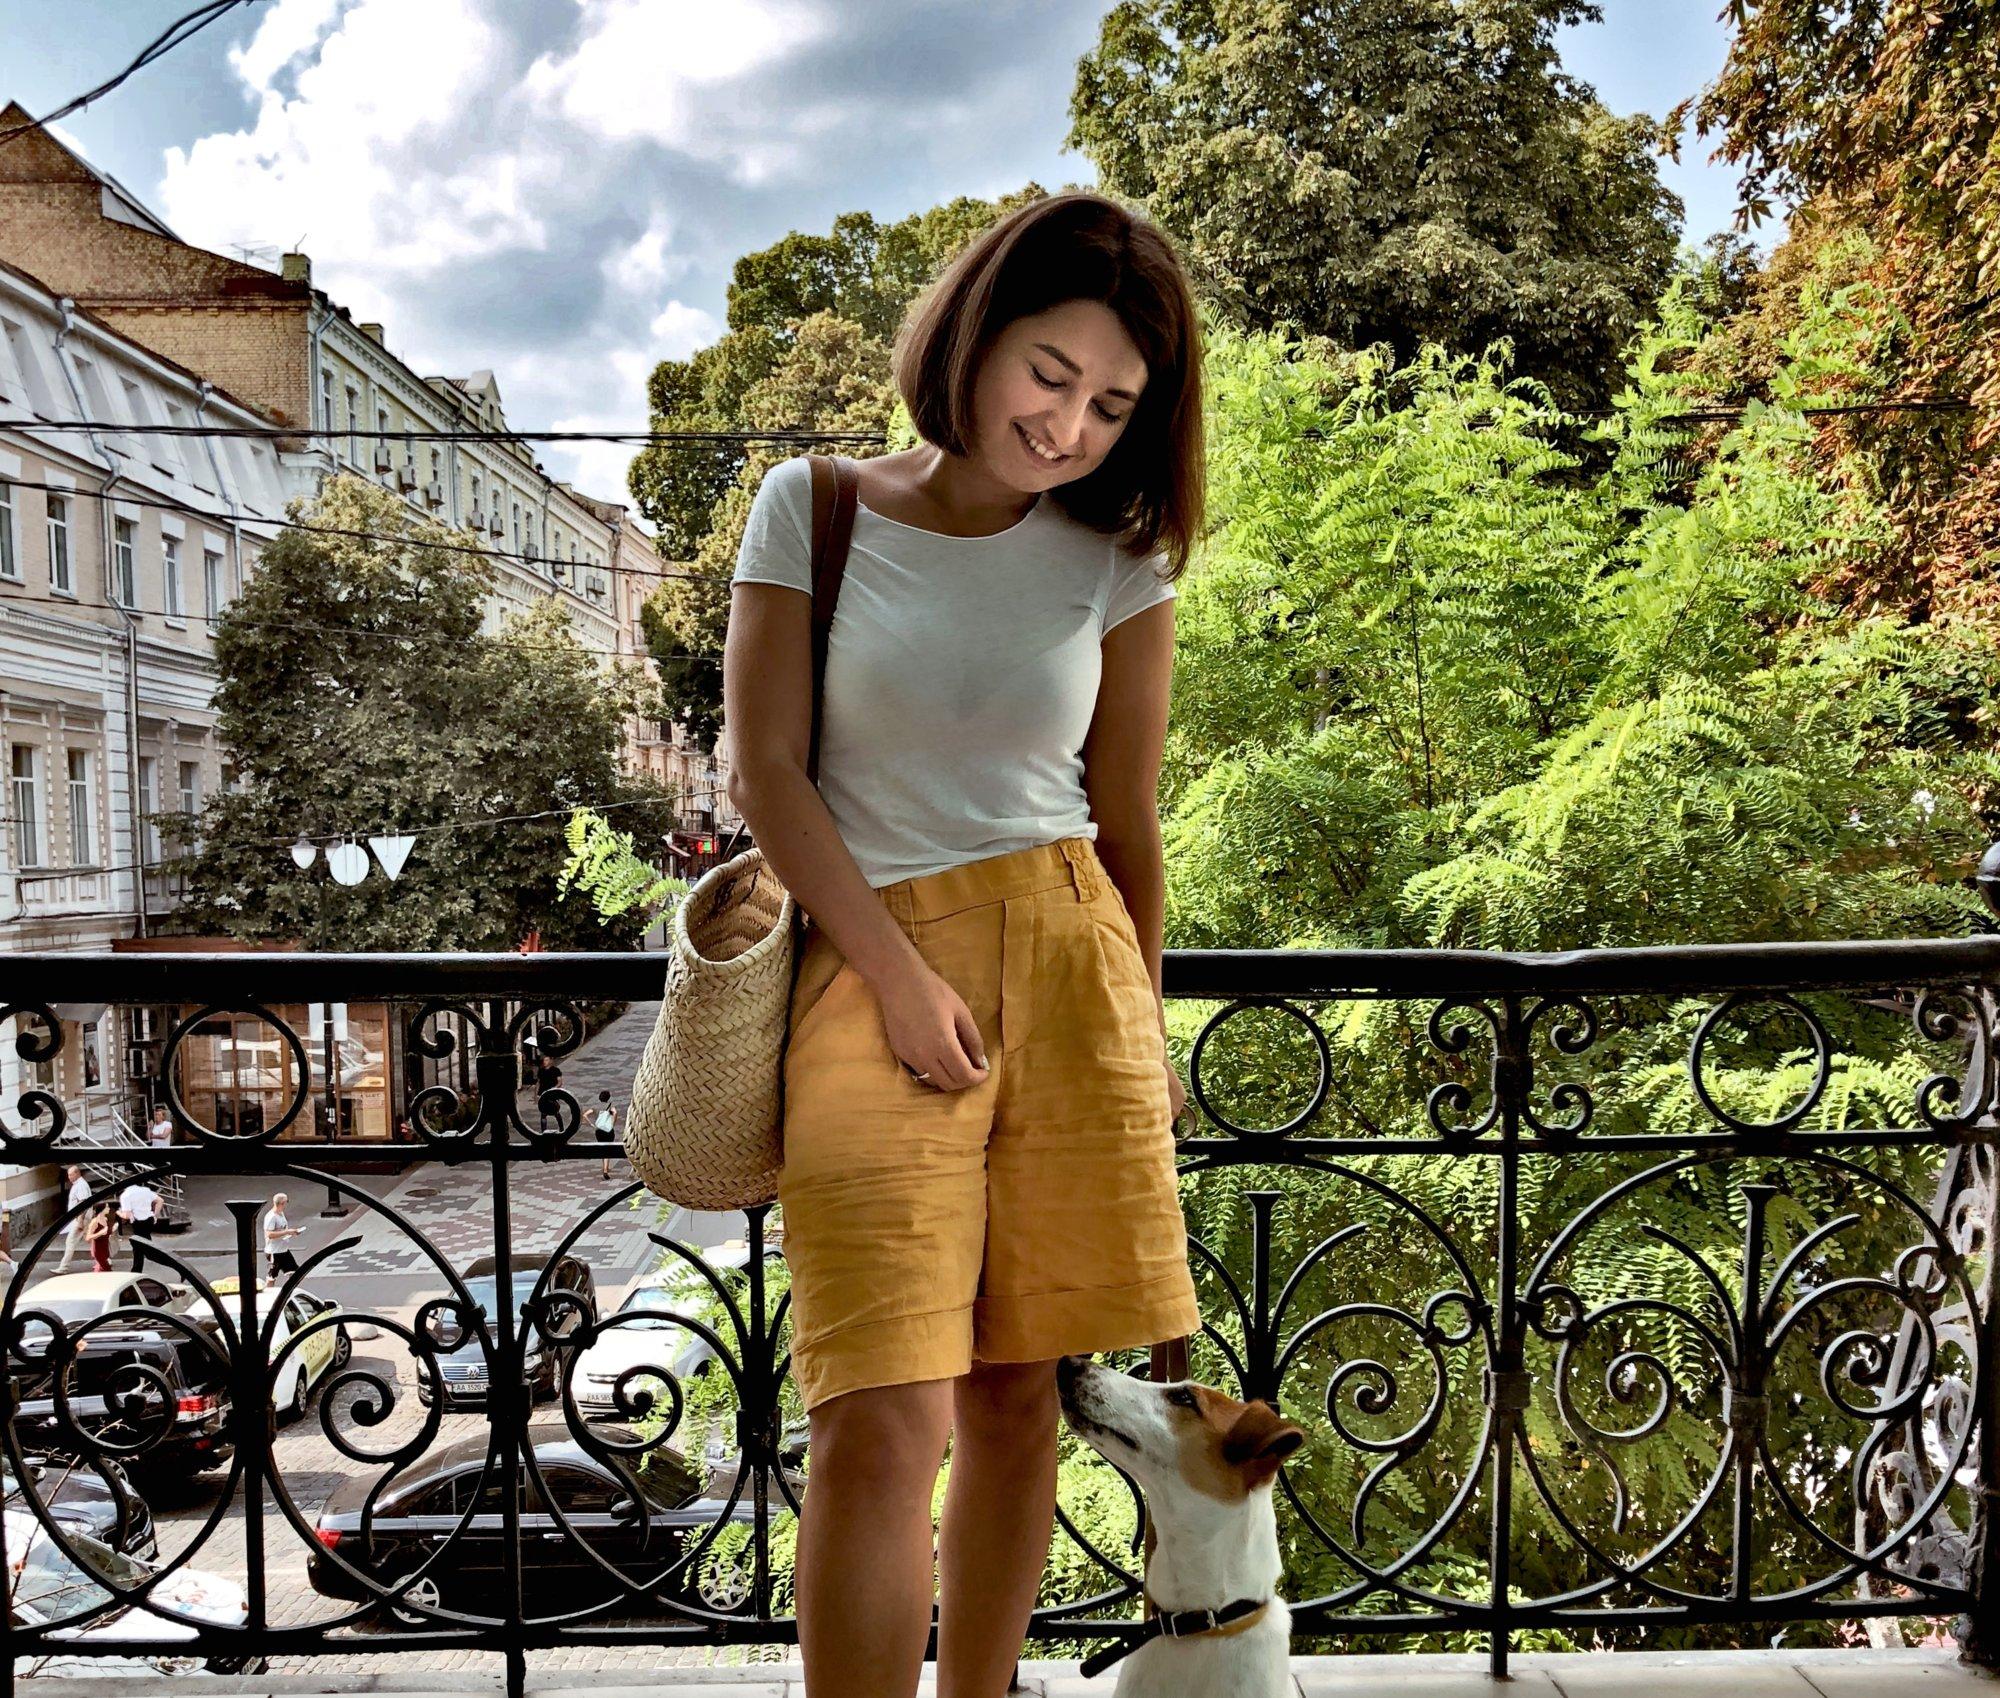 Travel-блогерка Маша Себова: «Повертаюсь до Києва за відчуттям свободи»